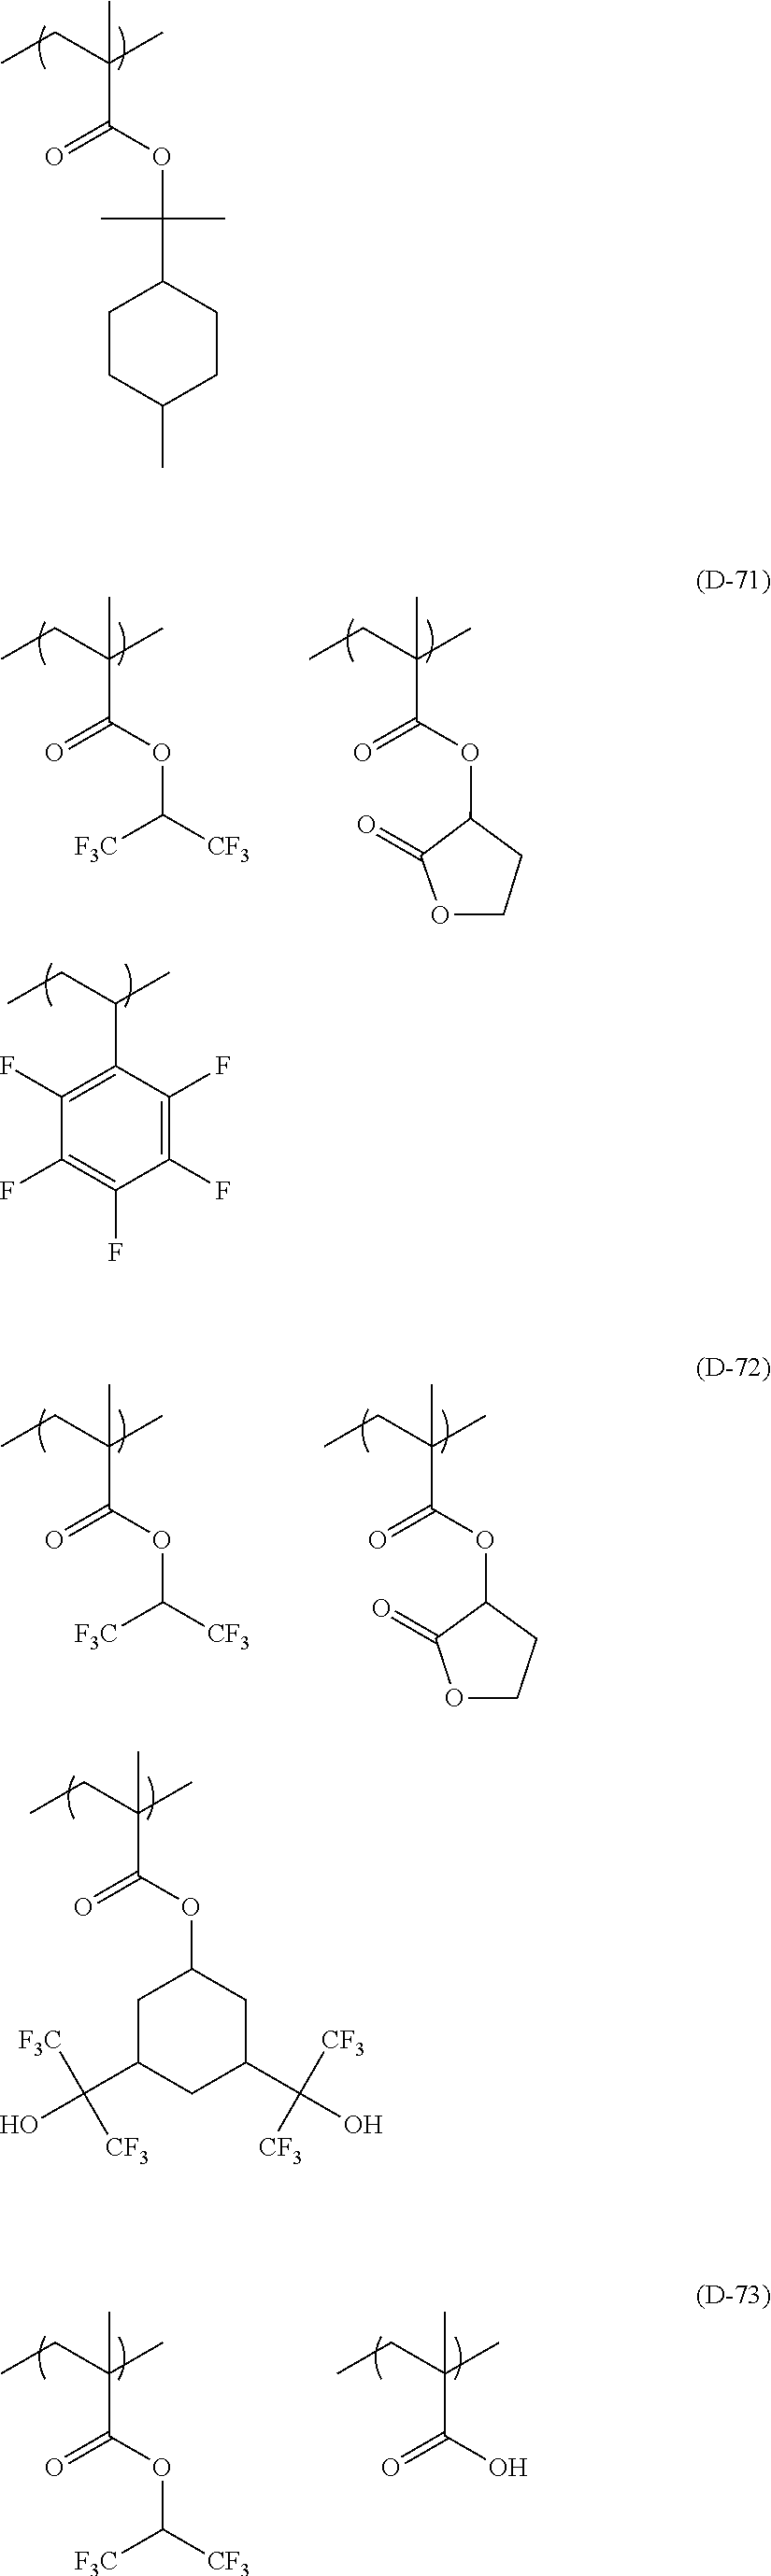 Figure US08632942-20140121-C00105